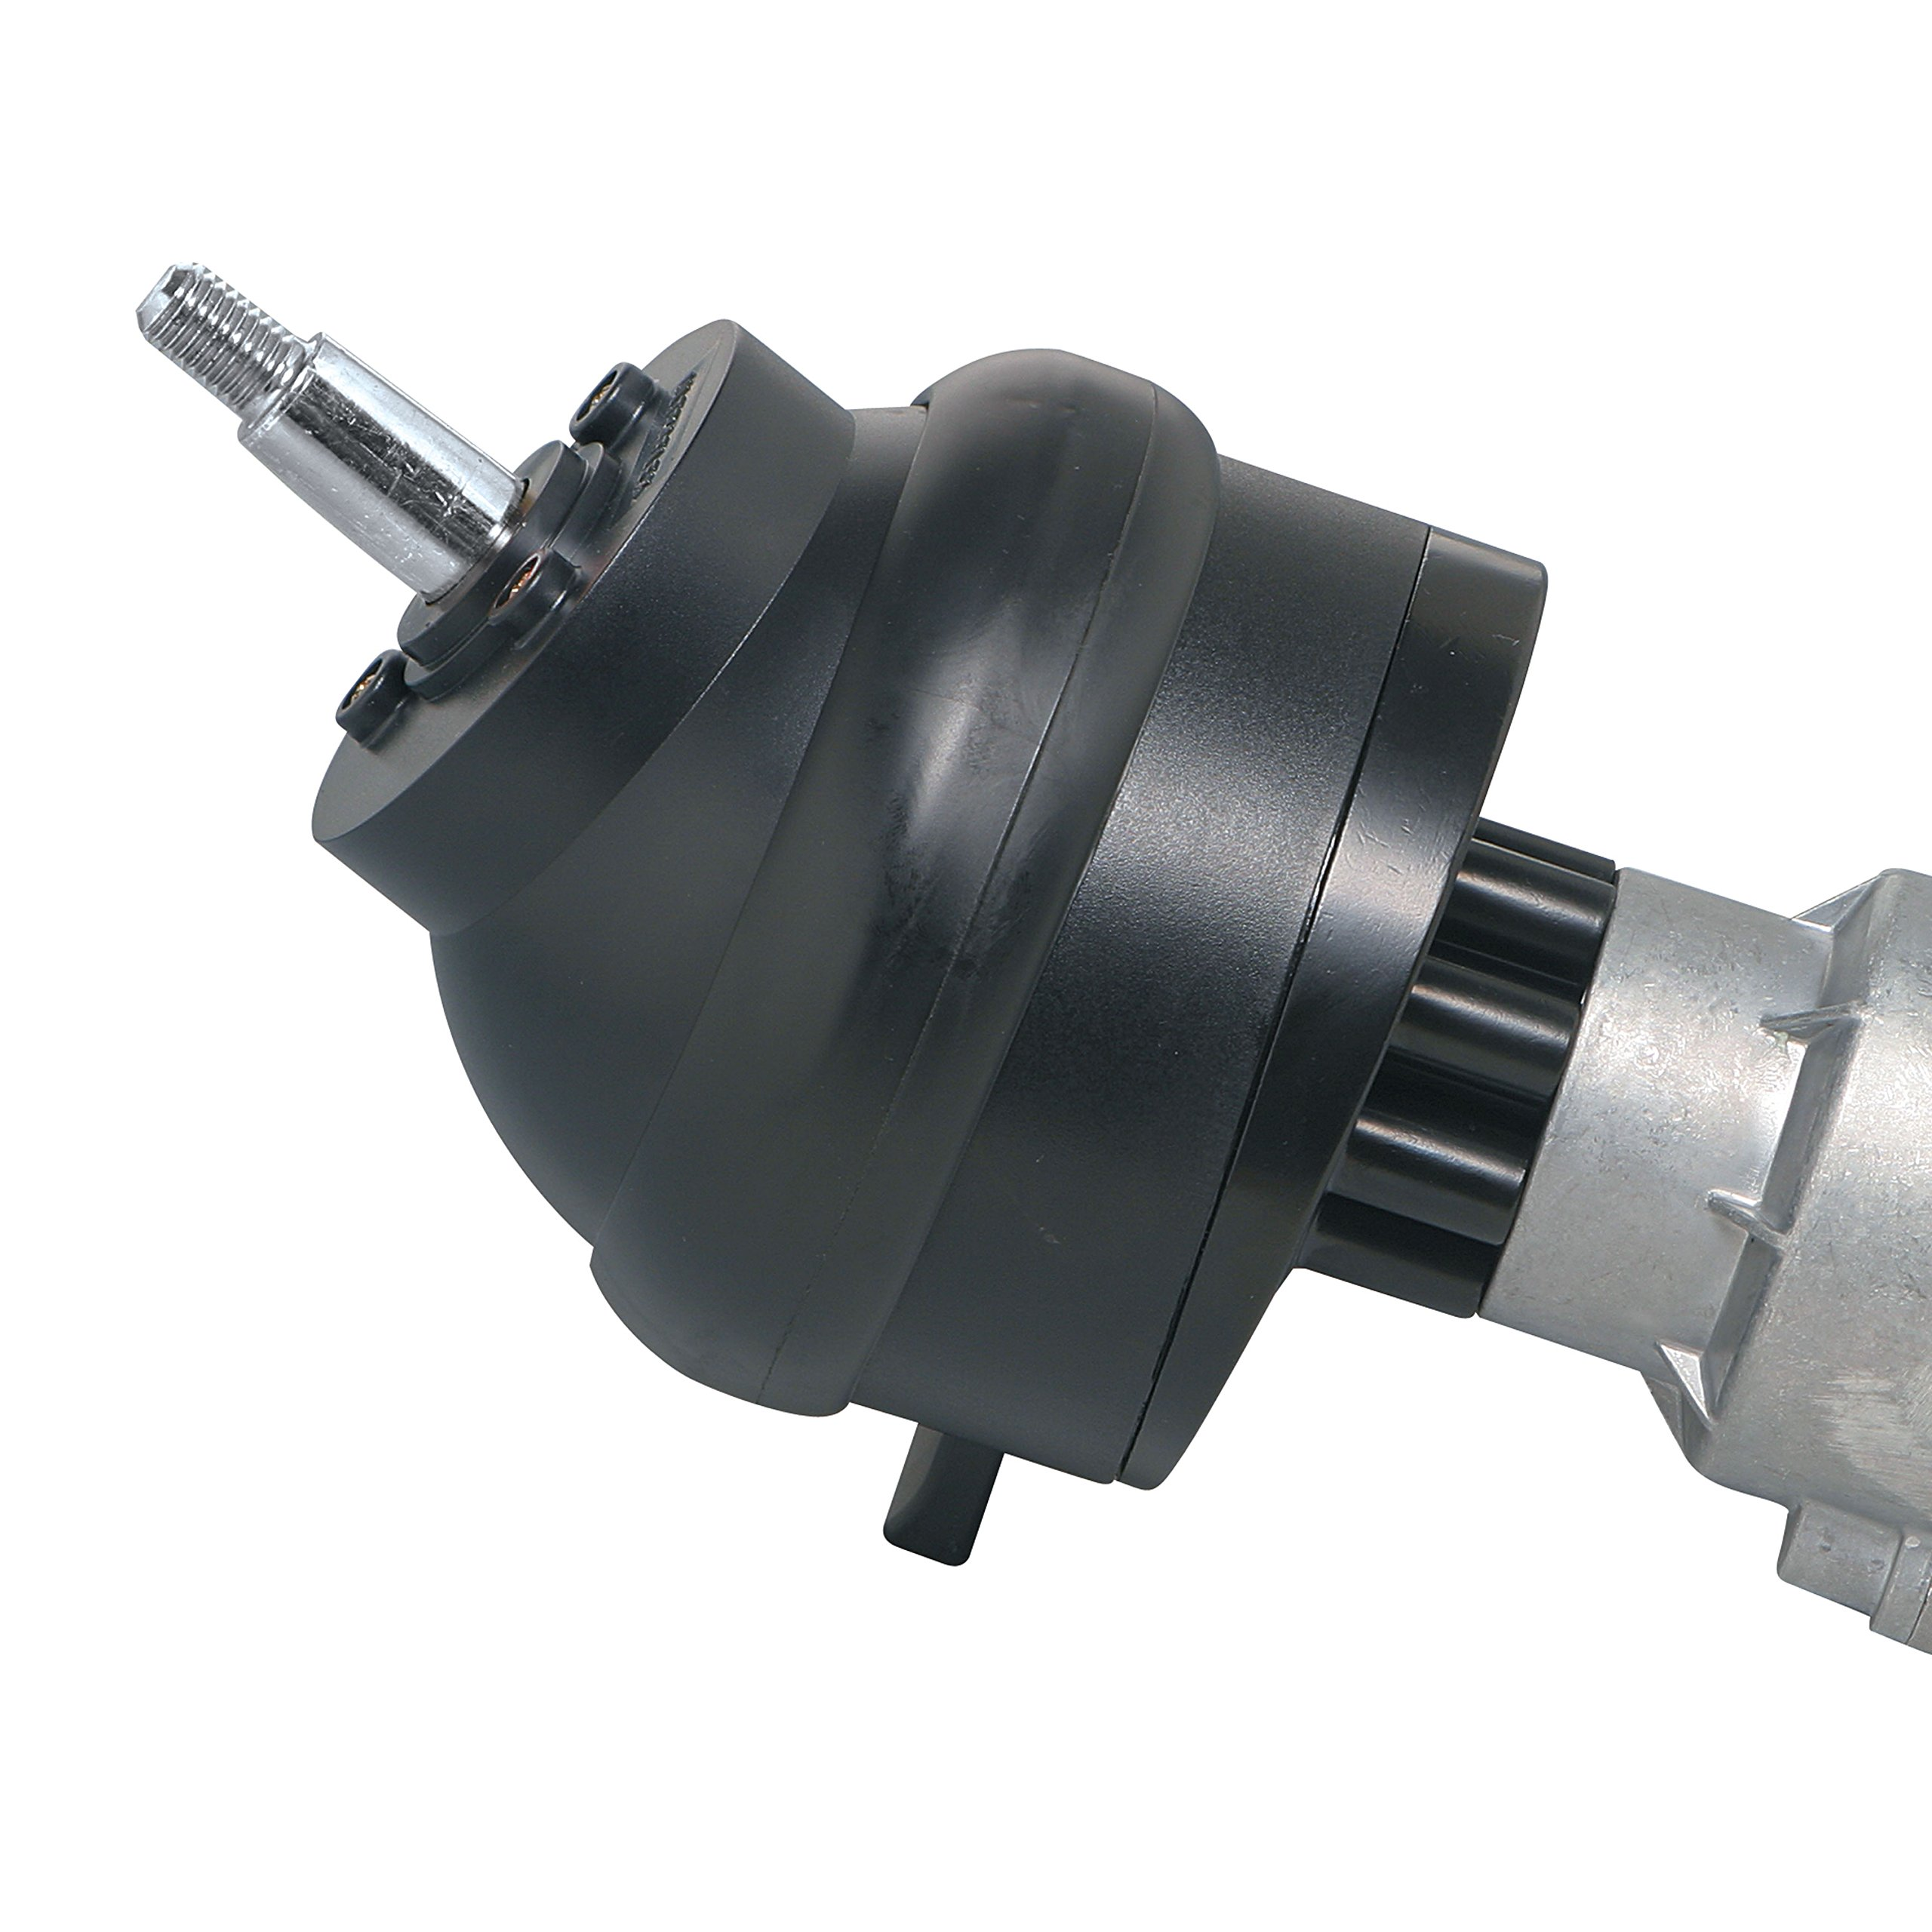 Uflex X52 X52 Tilt Mechanism by uflex